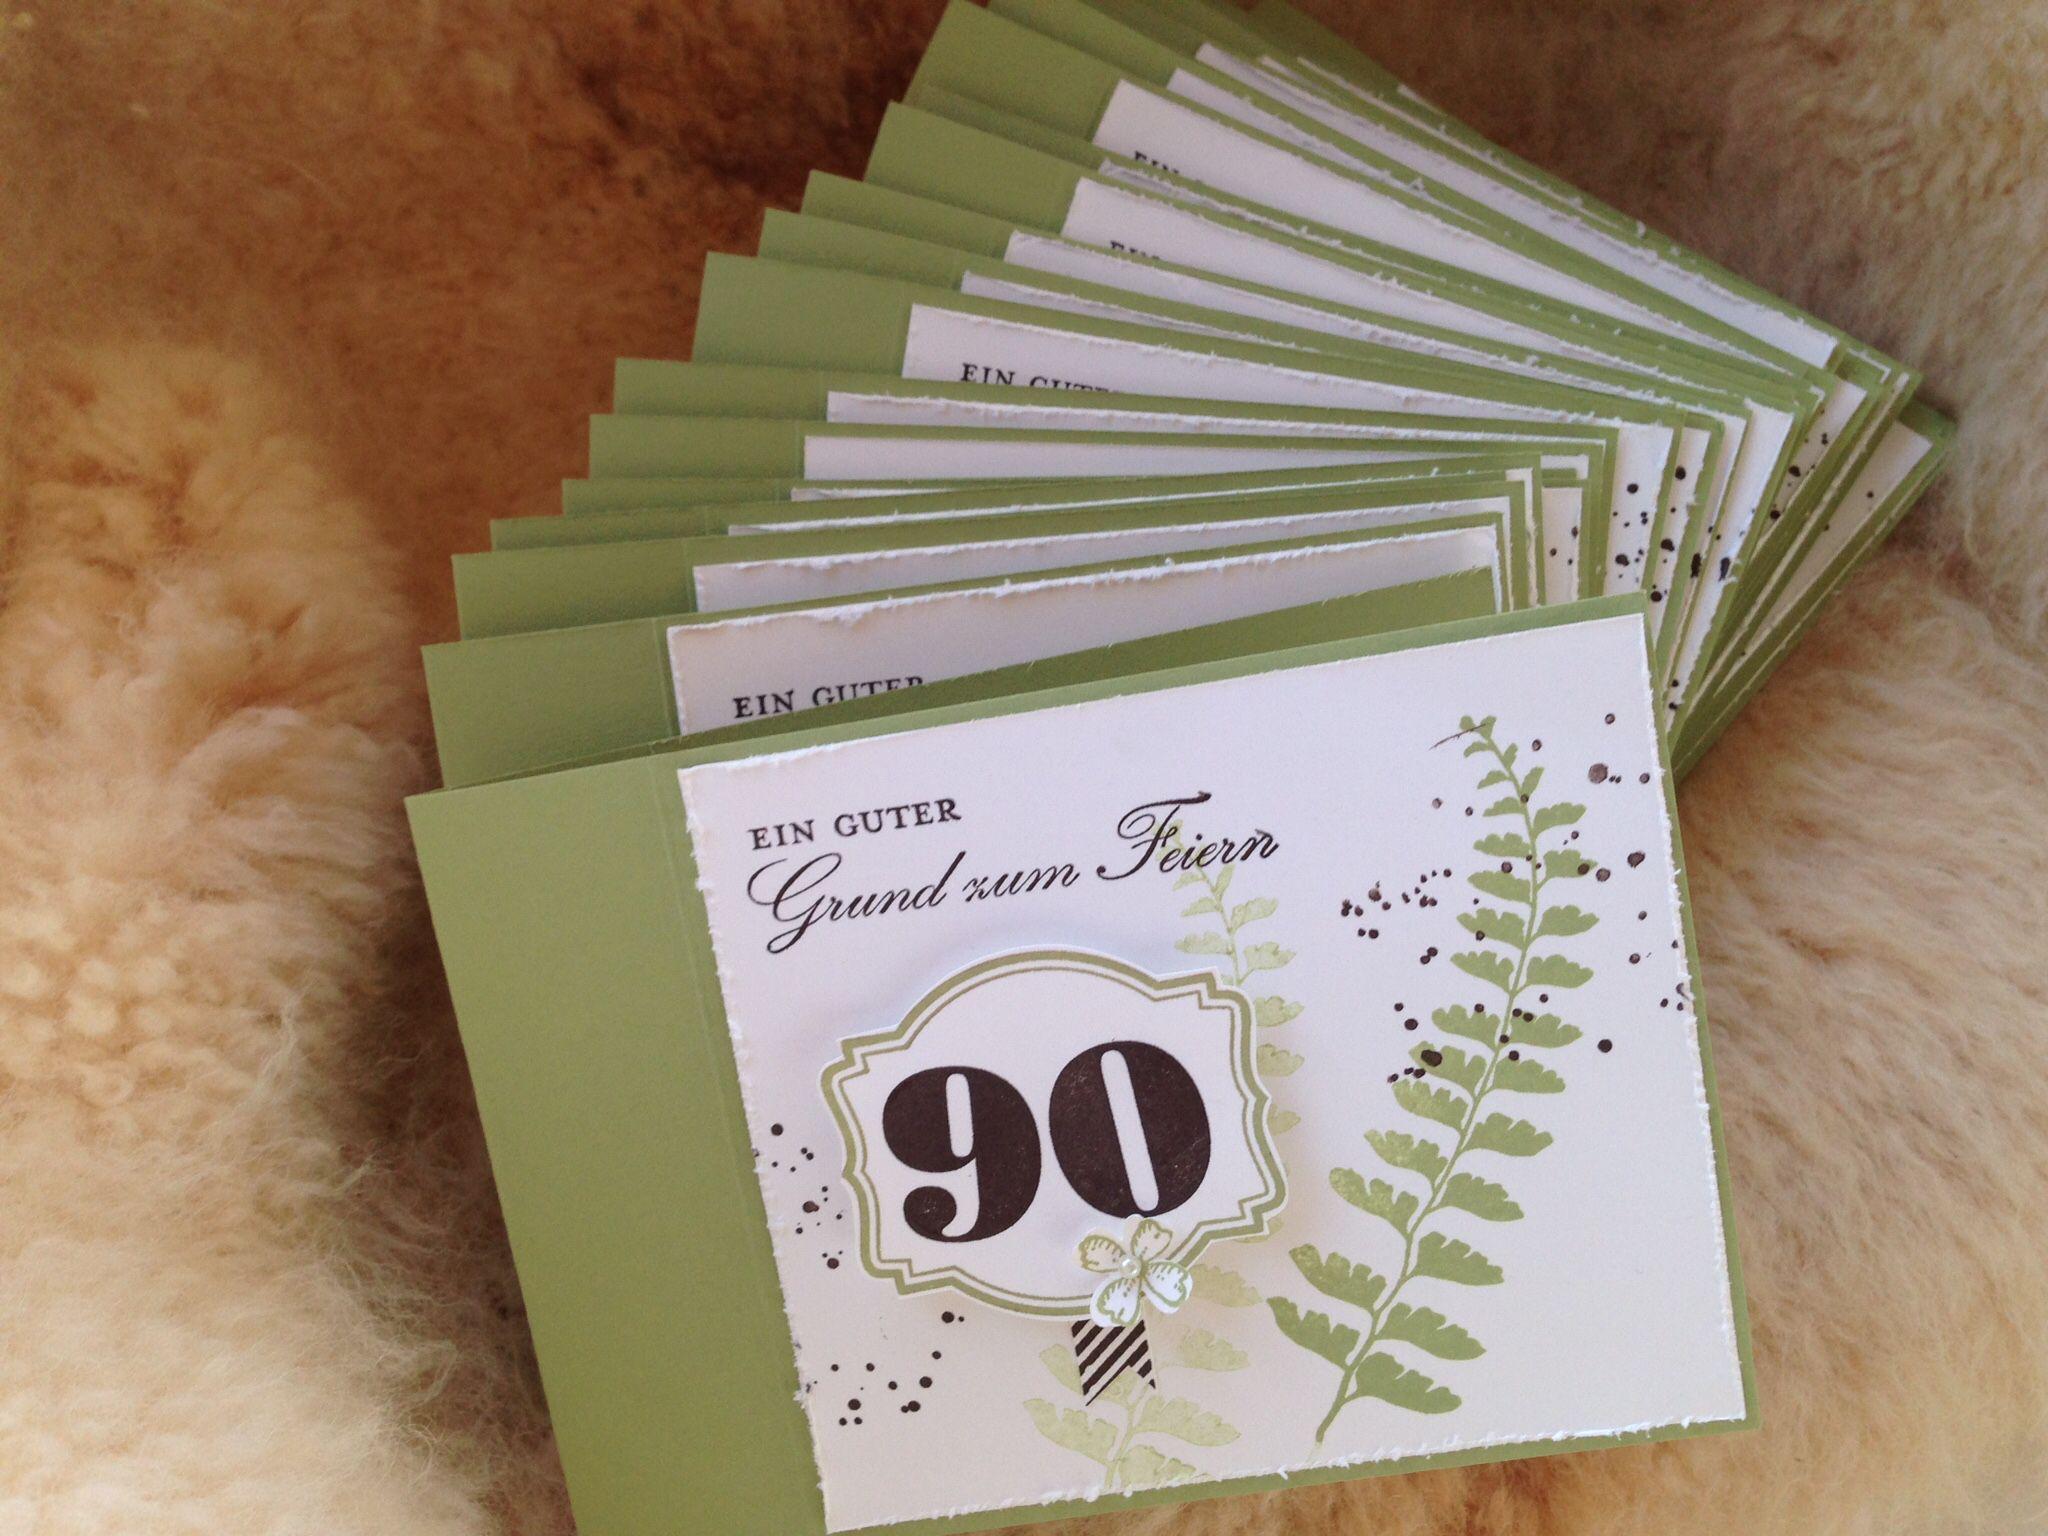 Einladung Zum 90 Geburtstag Einladungen Zum 90 Geburtstag